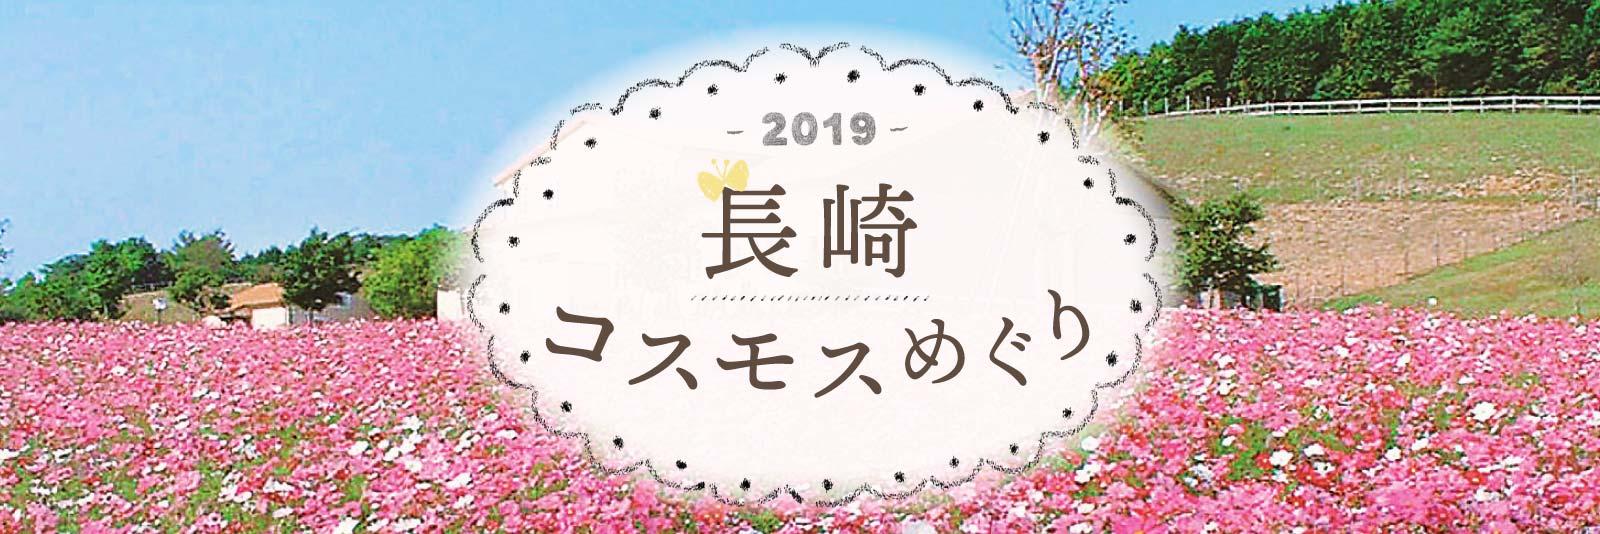 2019 秋 コスモス 秋桜 長崎 ながさき